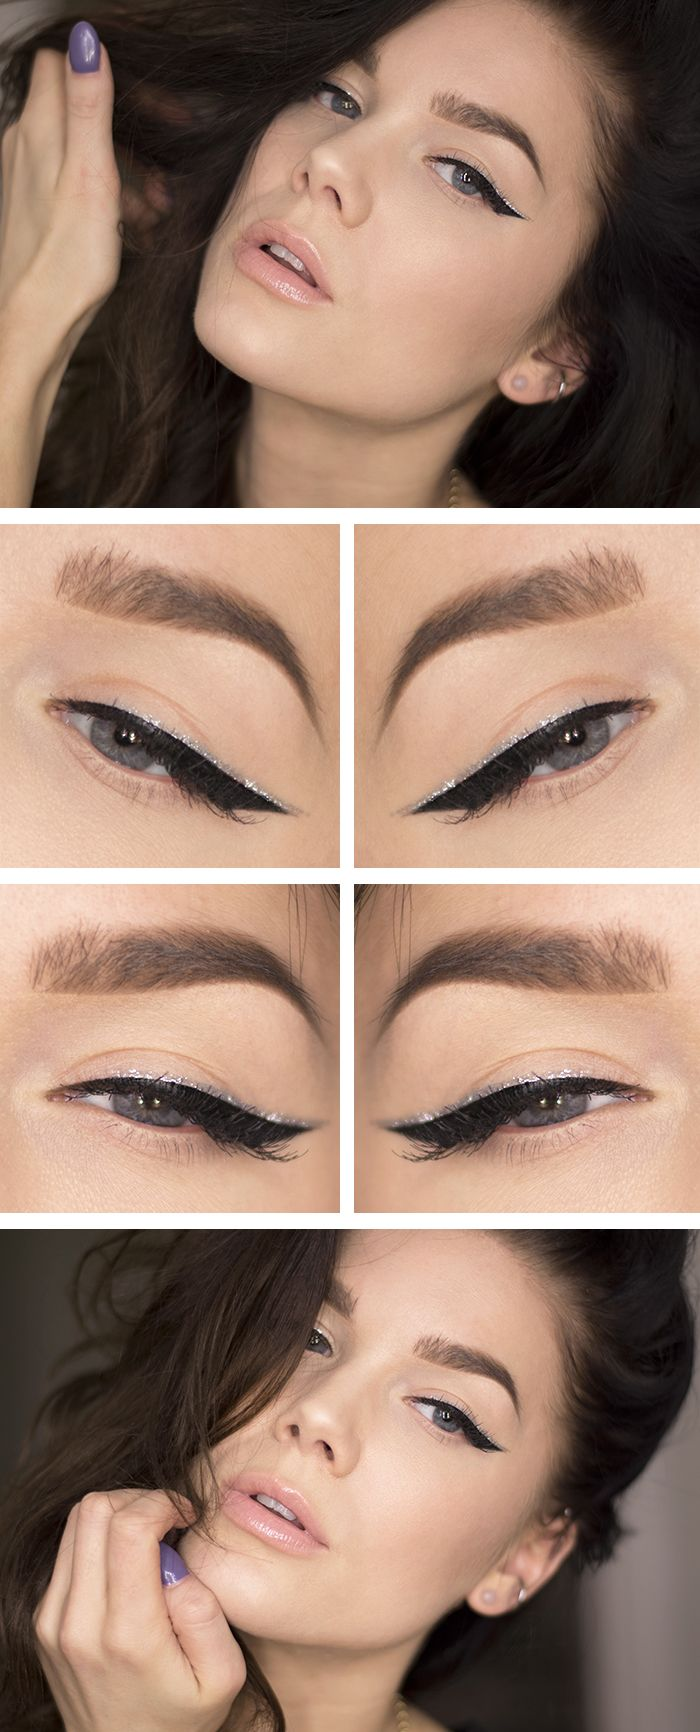 Klassisk eyelinerlook med en twist? Måla en glittereyeliner ovanpå din eyeliner och addera lite singelfransar....